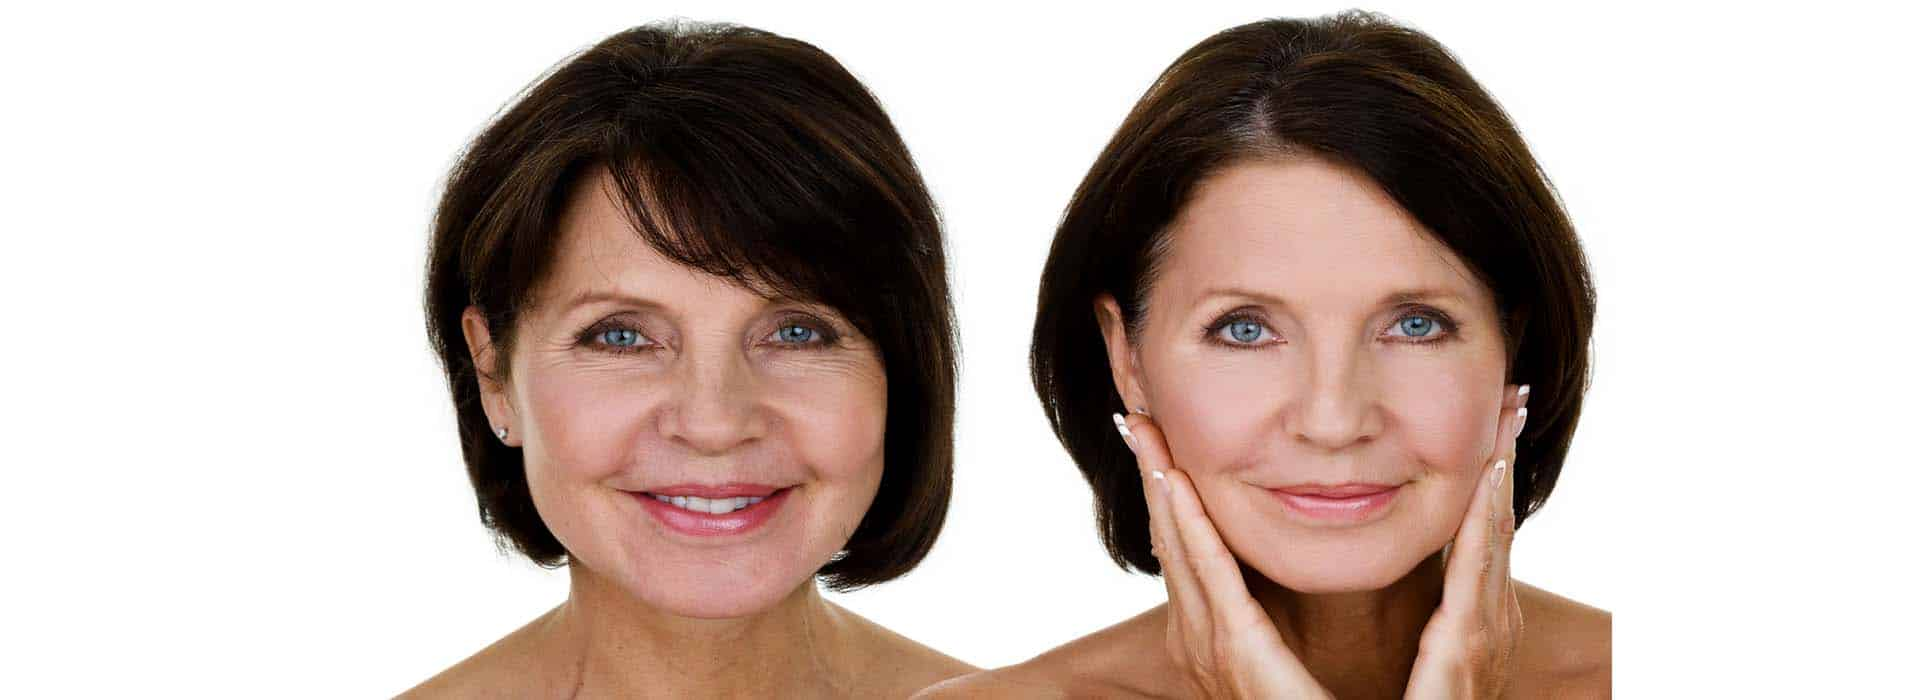 Antes y después de la lipoescultura facial